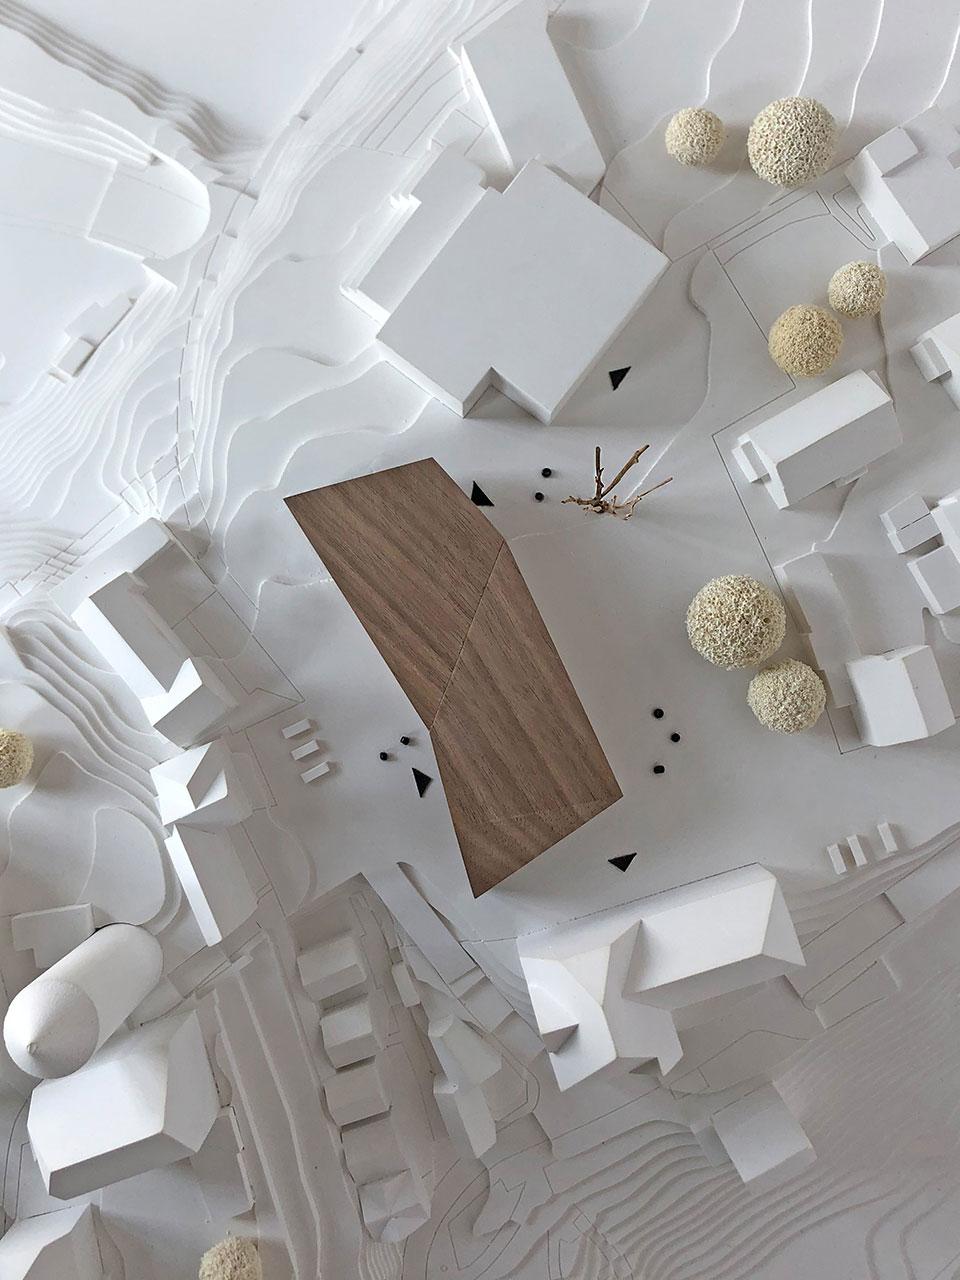 Wettbewerb Neubau Friedrich-Schelling-Schule Bietigheim-Bissingen, Modell